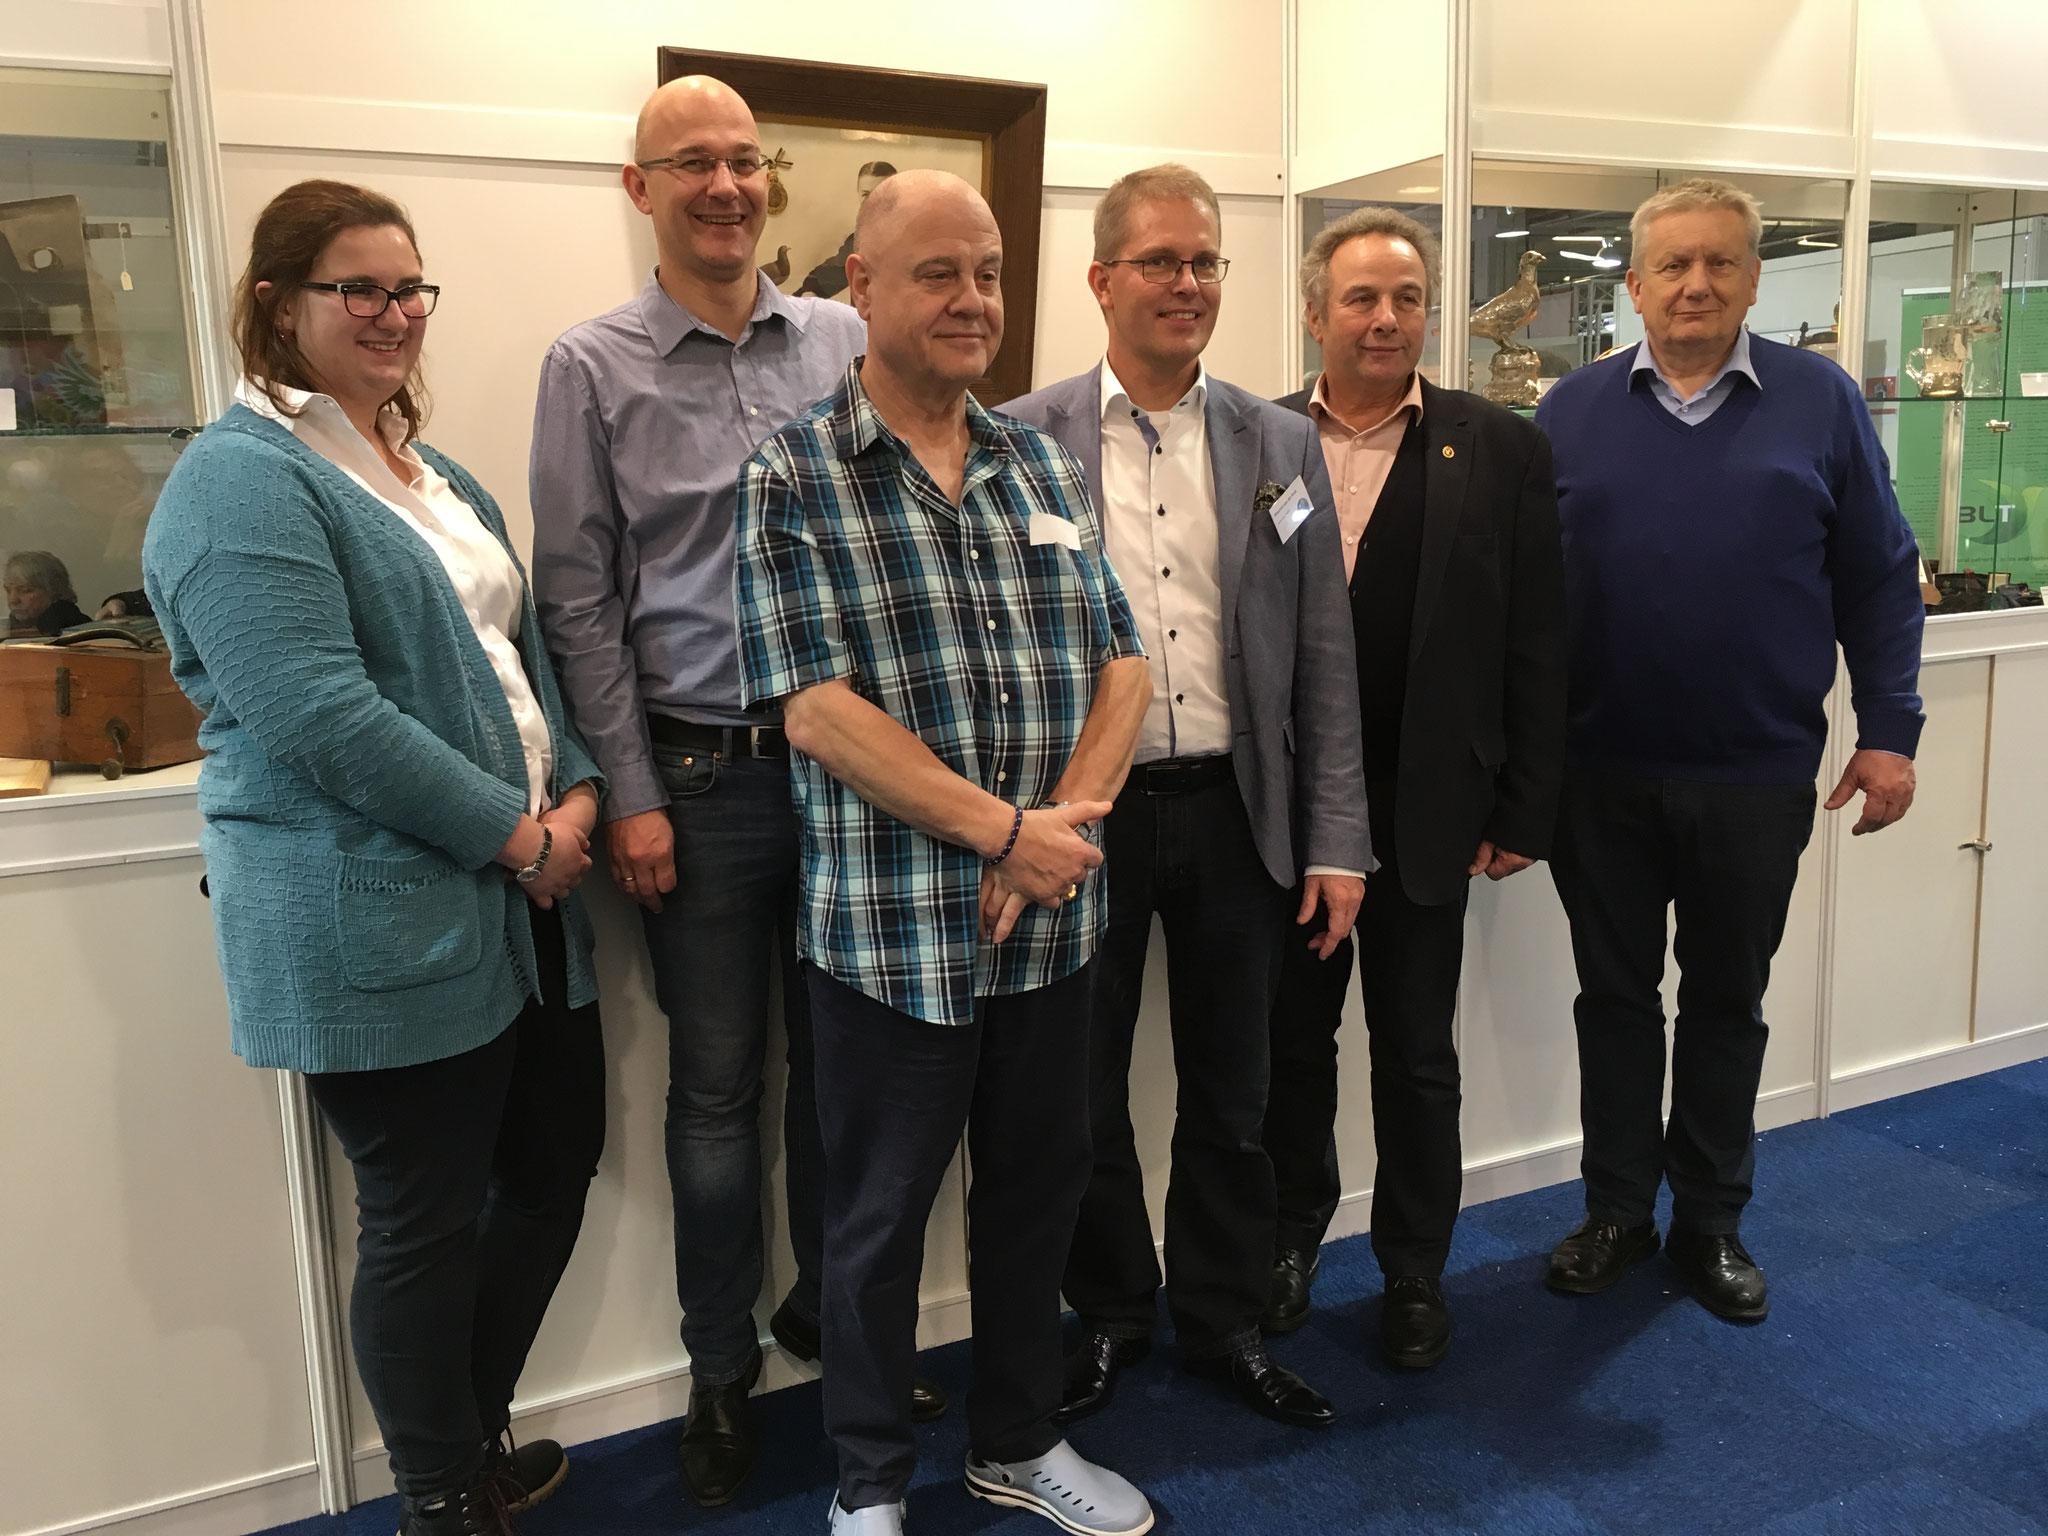 Gruppenfoto der Delegation der Brieftauben-Historiker mit dem holländischen Präsidenten